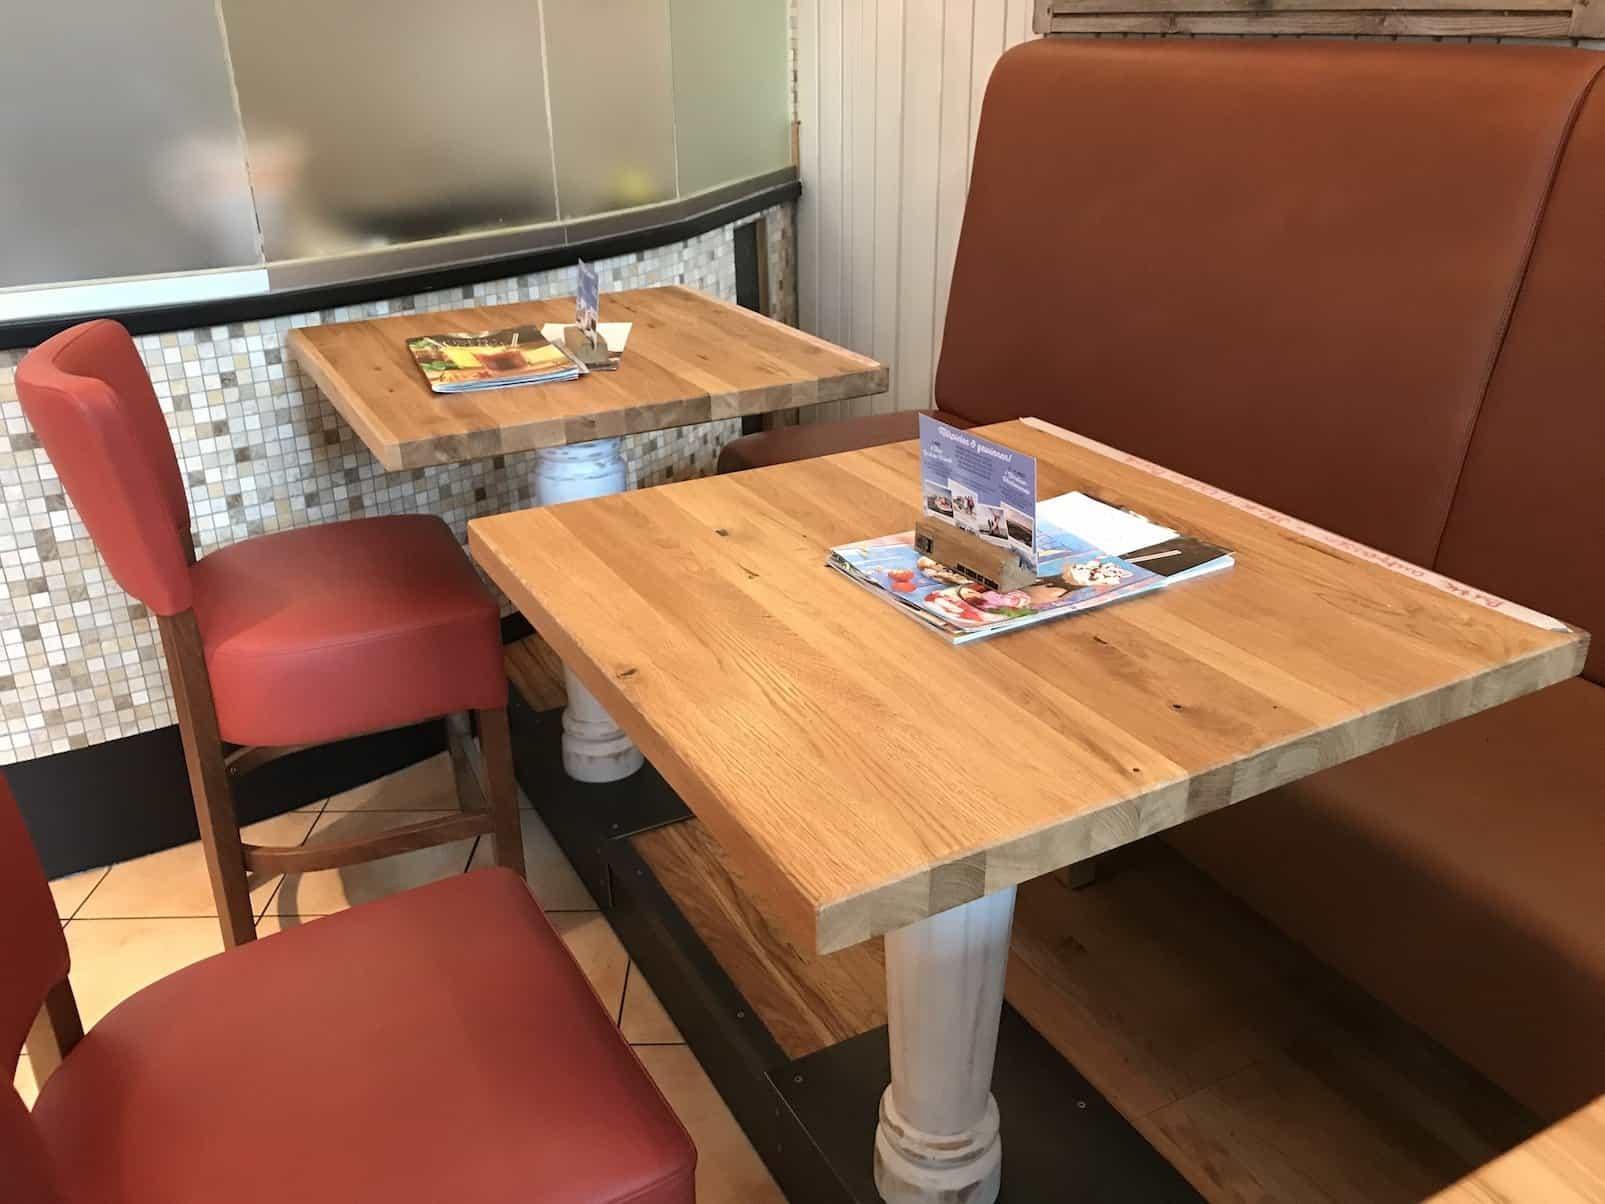 Einer der Tische am Rande des Alex im Sony Center zum Frühstücken